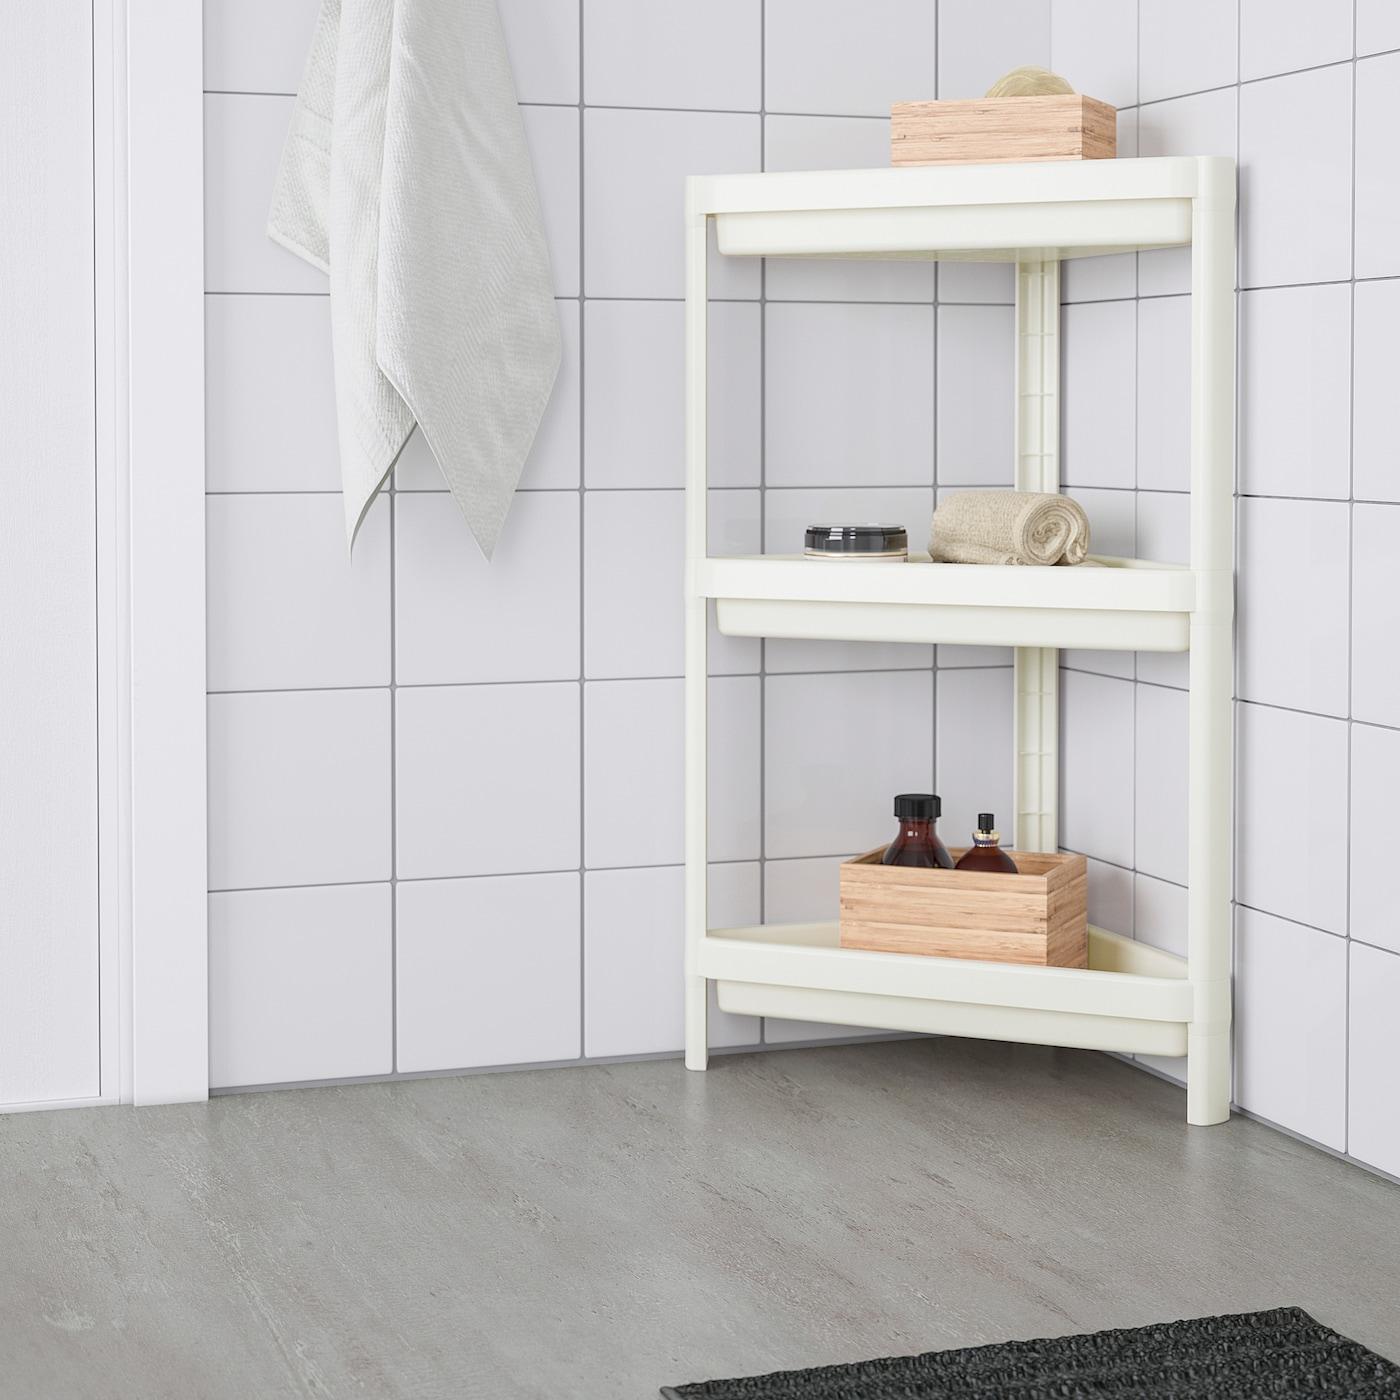 VESKEN Regal weiß IKEA Österreich